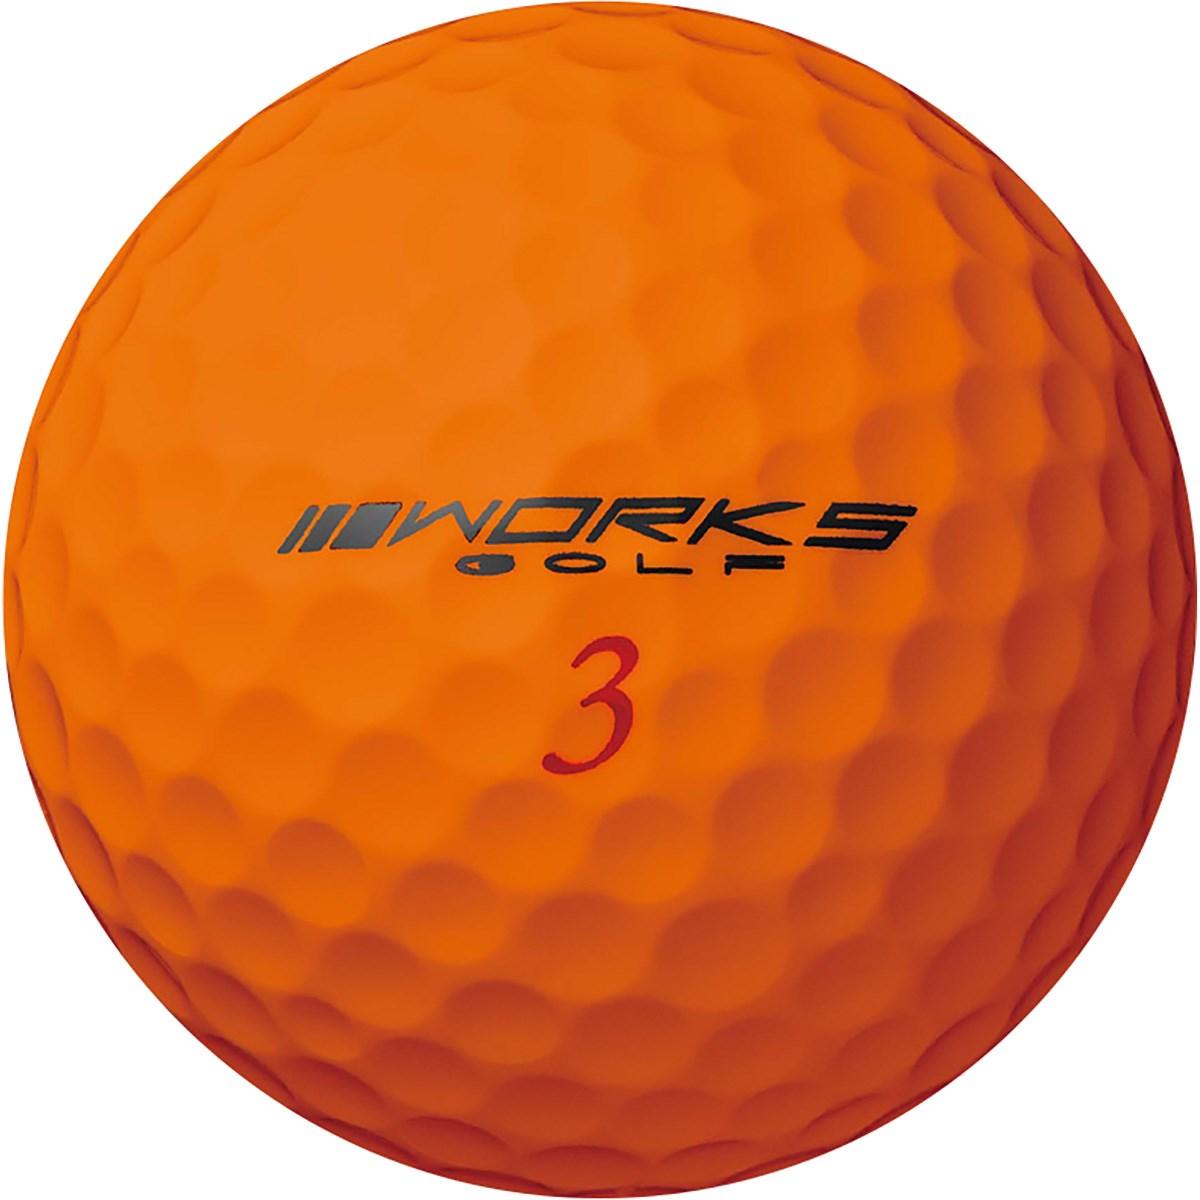 ワークス ゴルフ HISHO 飛匠レッドラベル 極 ボール 1ダース(12個入り) オレンジ 【非公認球】